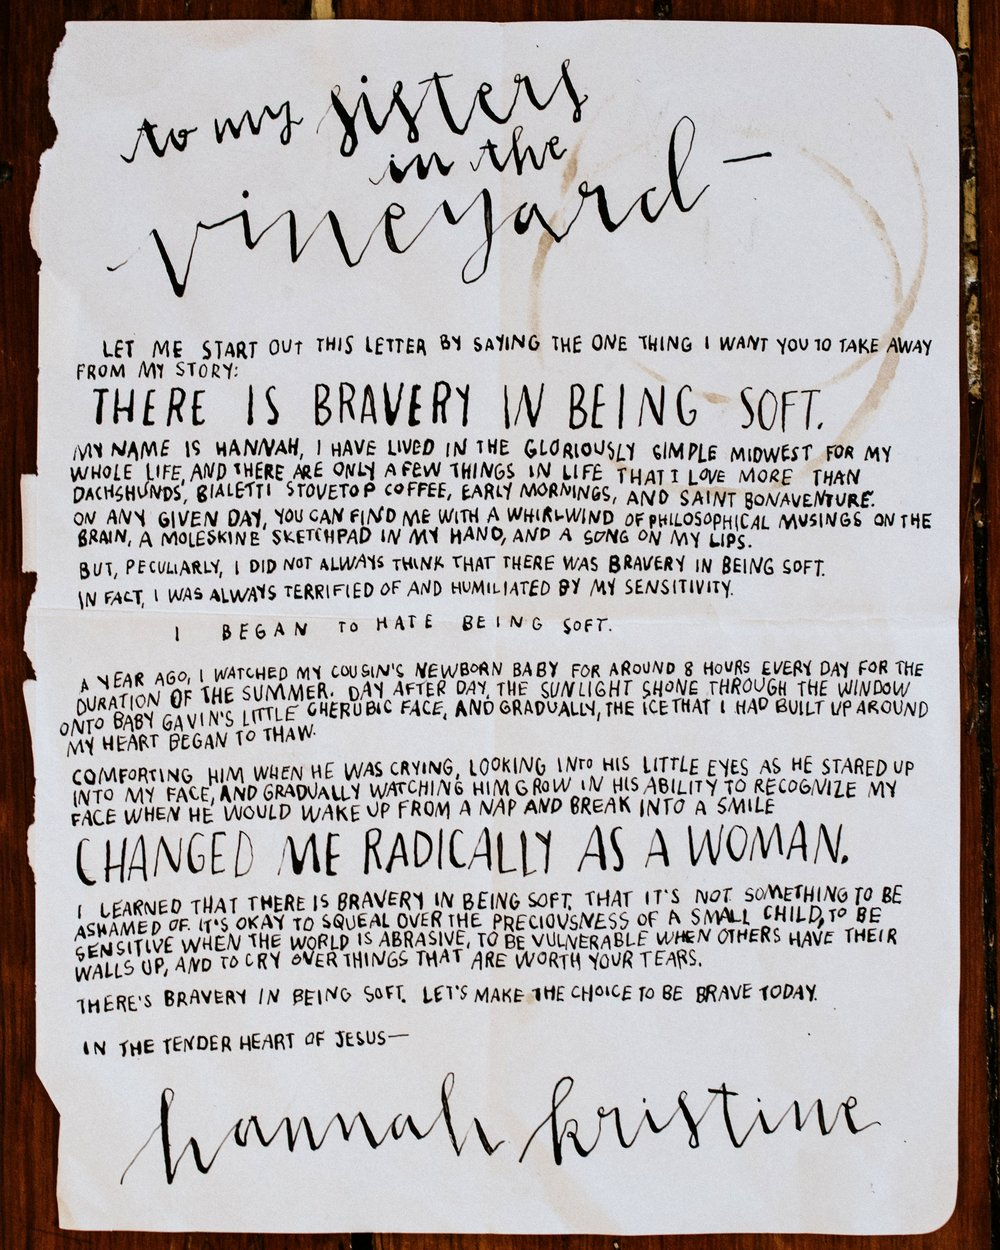 Hannah Bruckner Letter to Women Bravery in Being Soft